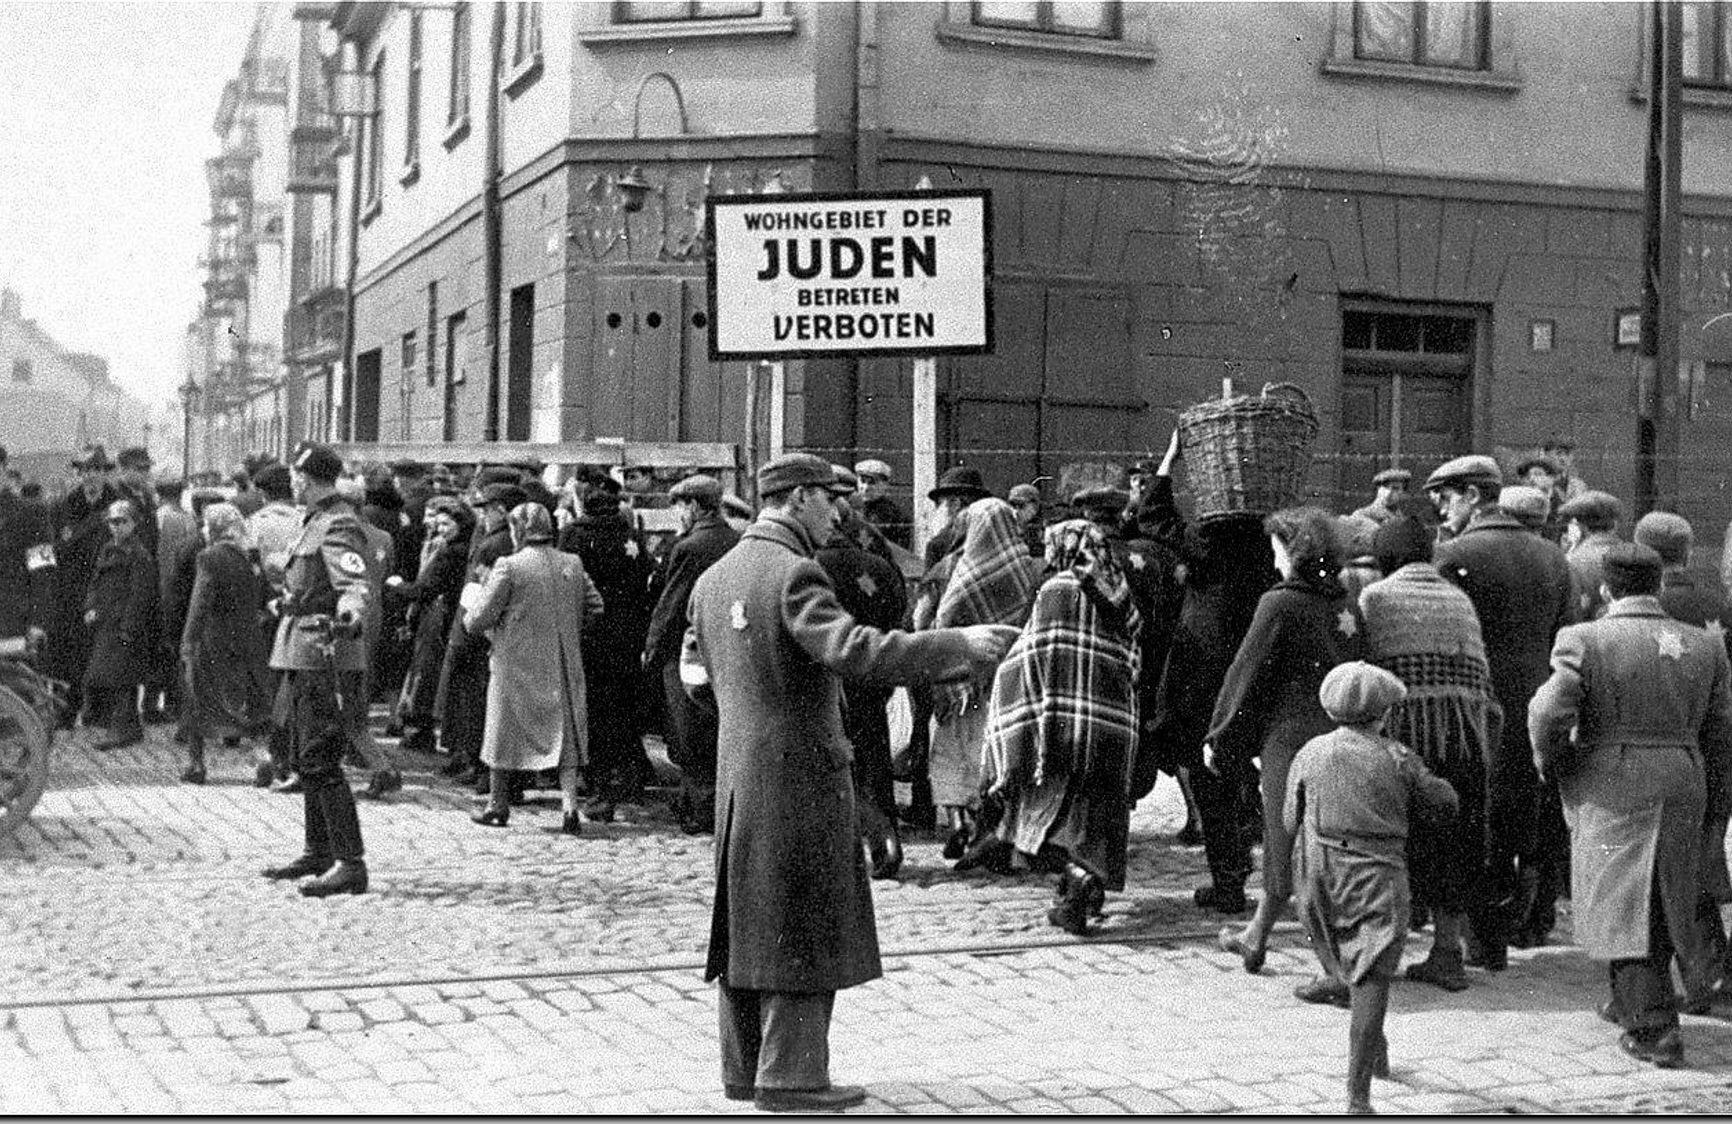 Лодзь. Еврейские и немецкие полицейские регулируют движение людей в гетто.